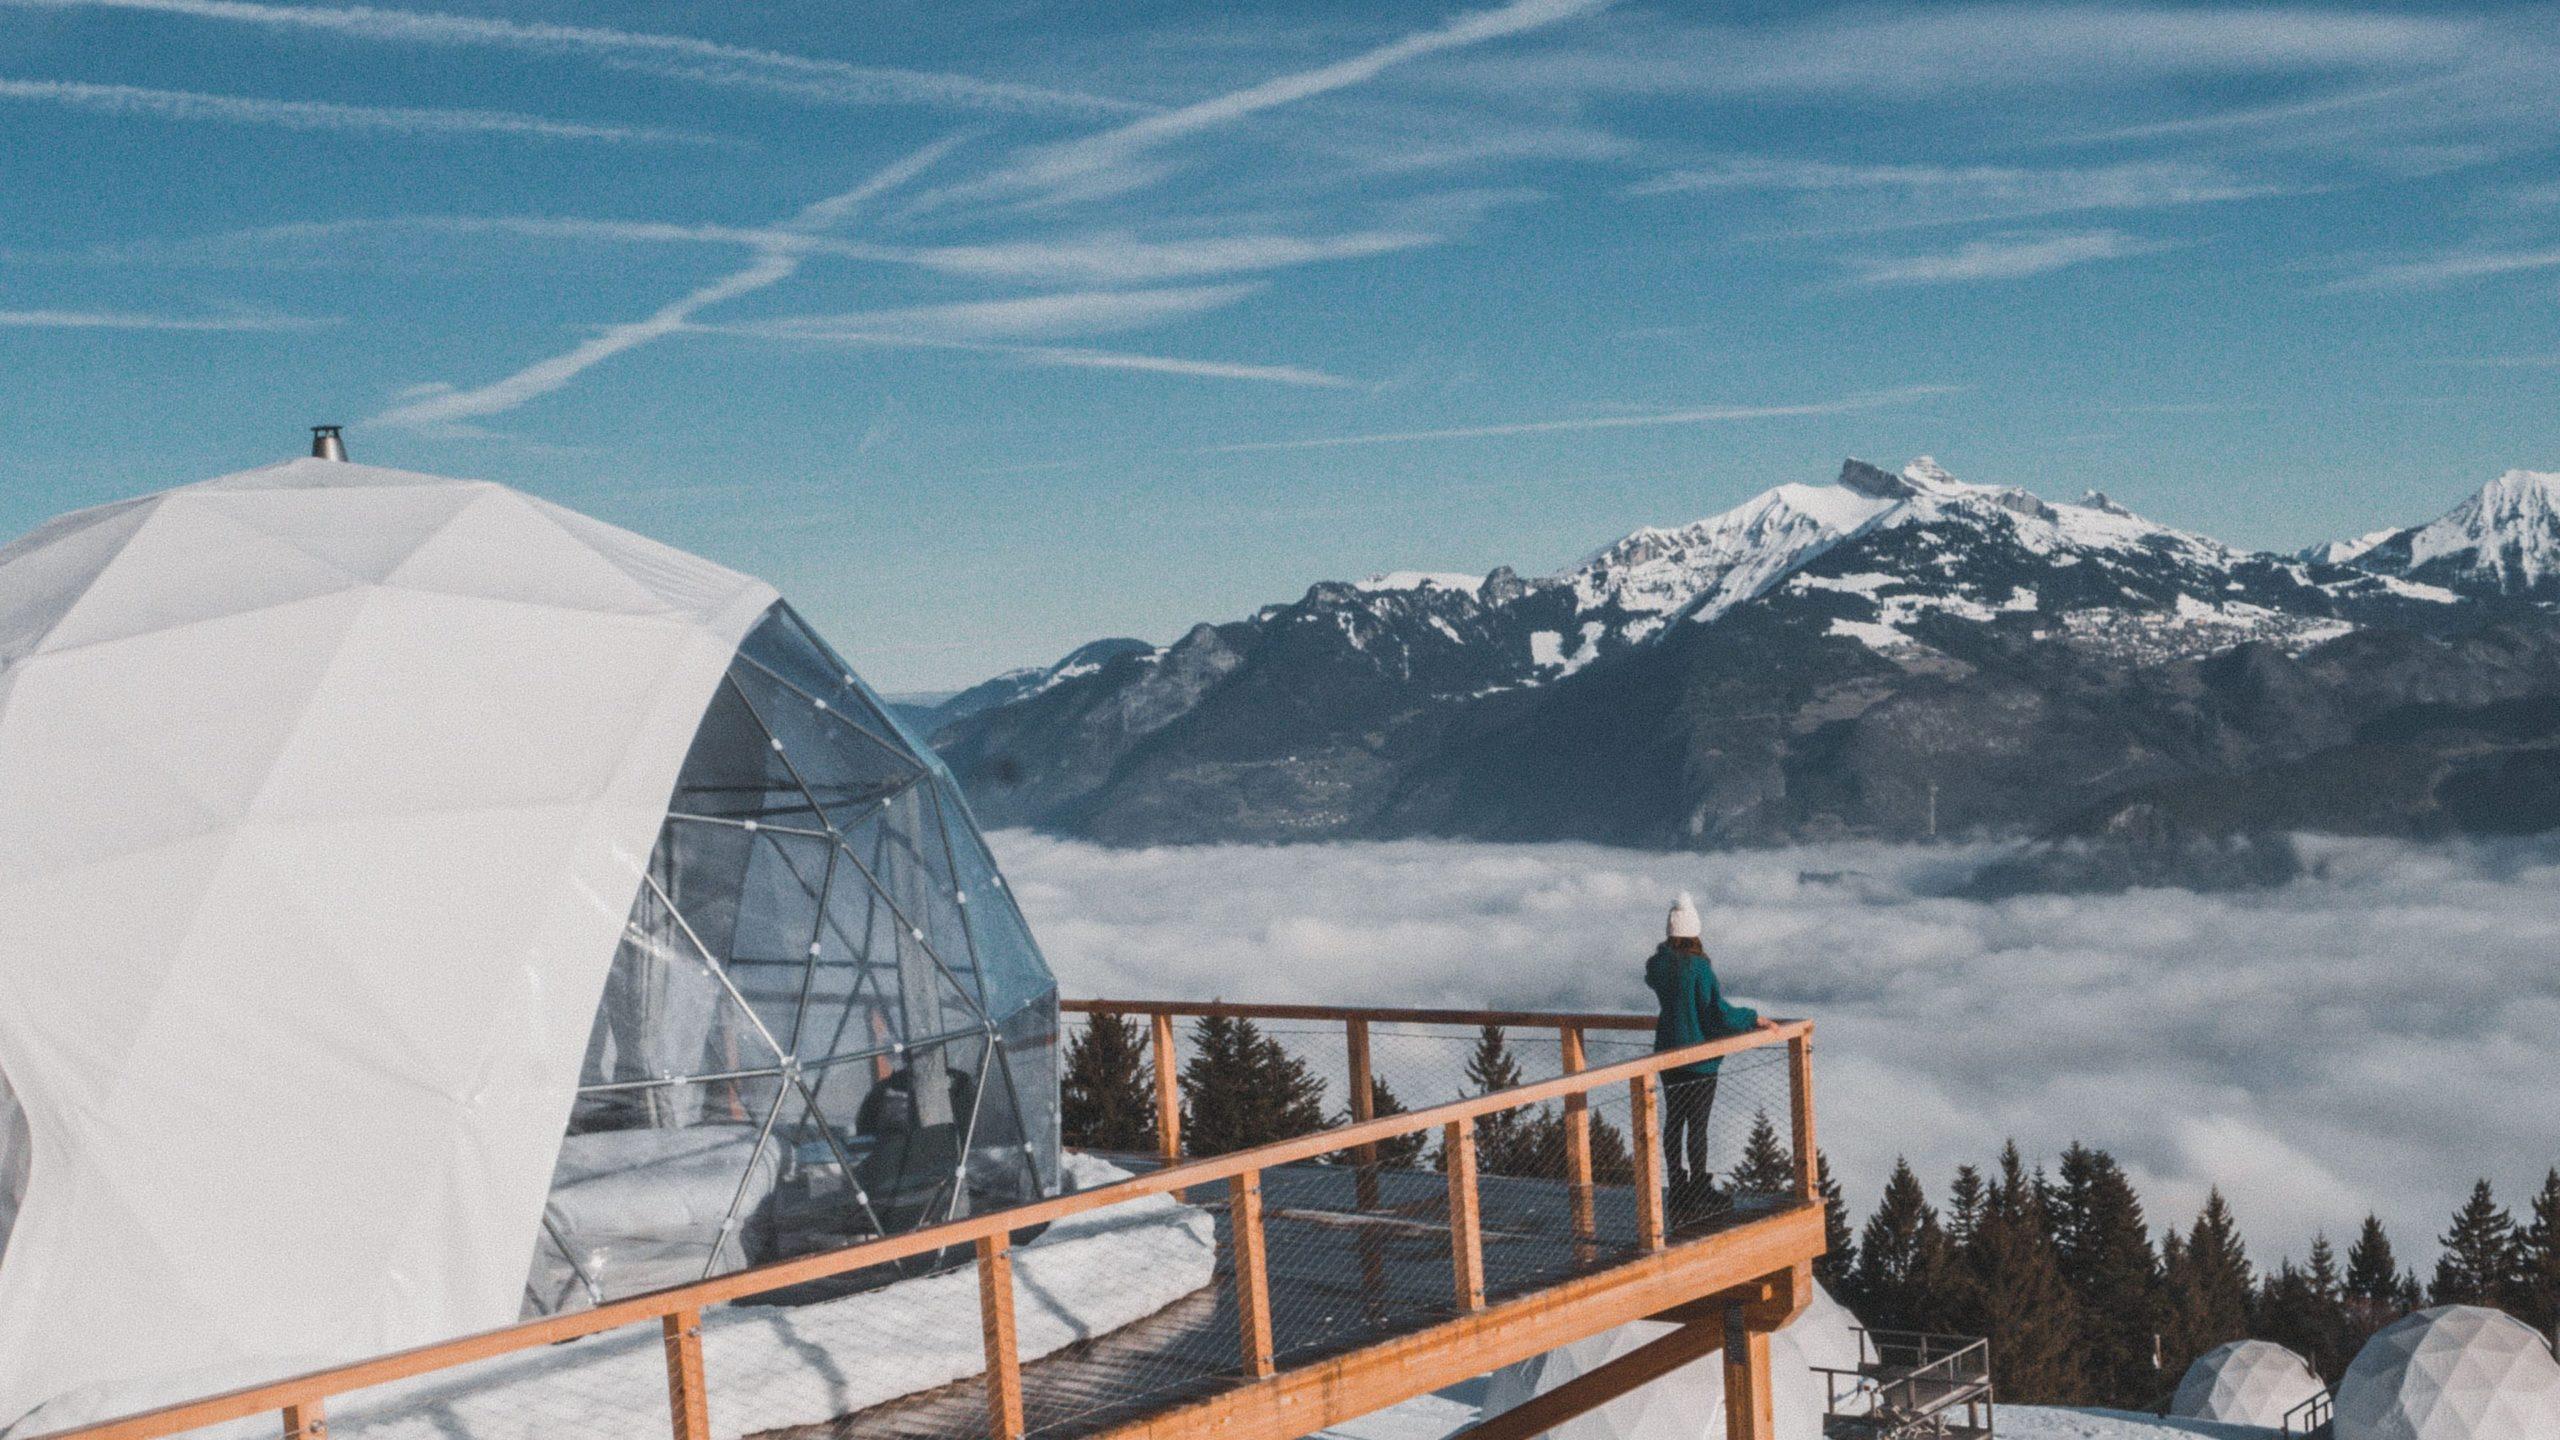 Glamping avec vue sur la montagne au Whitepod en Suisse